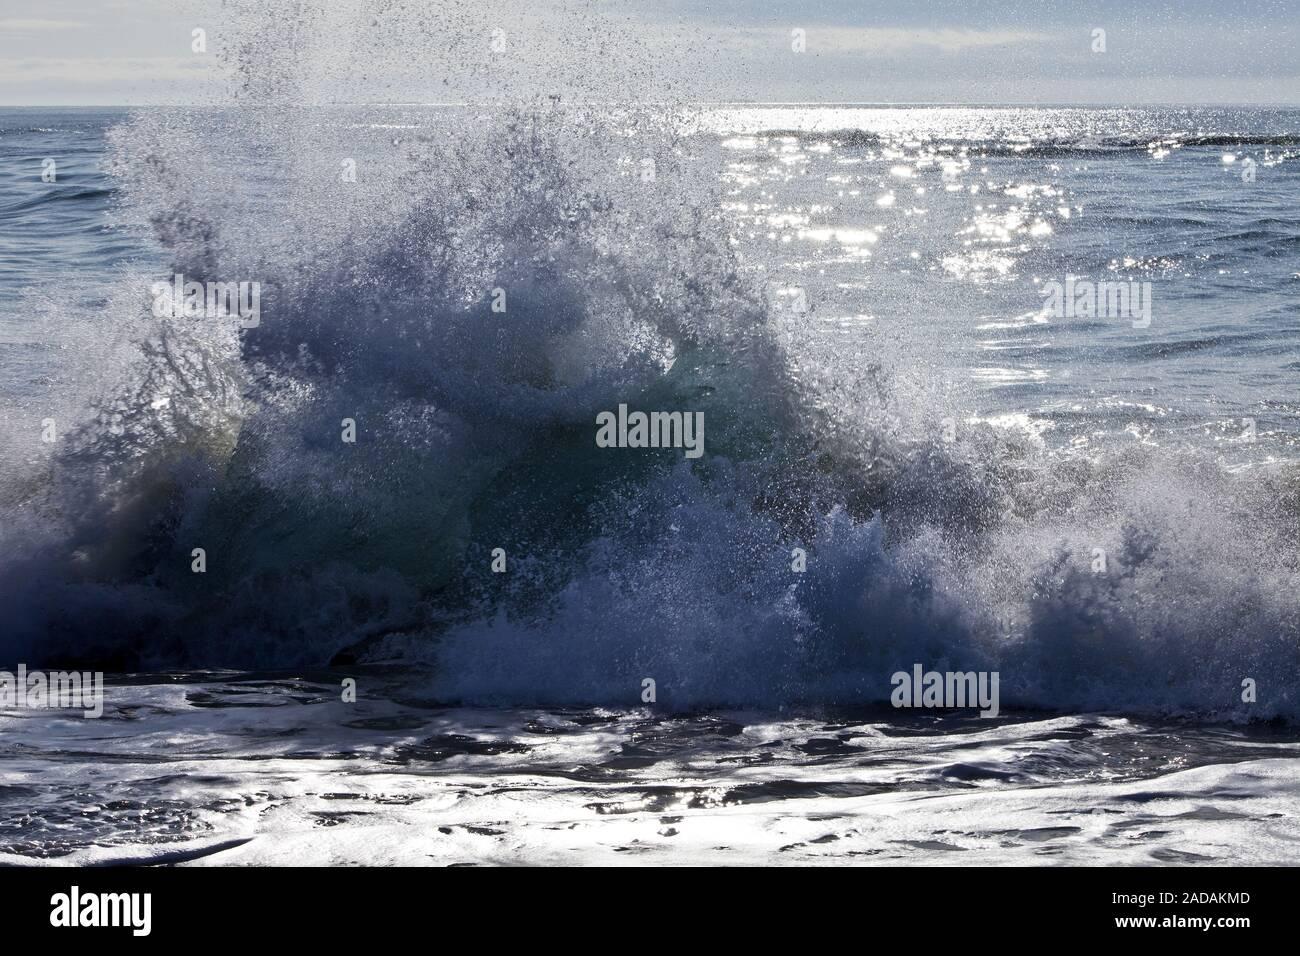 Mar, surf, cerca del Joeklusárlón Breidamerkursandur, al sur de Islandia, Islandia, Europa Foto de stock